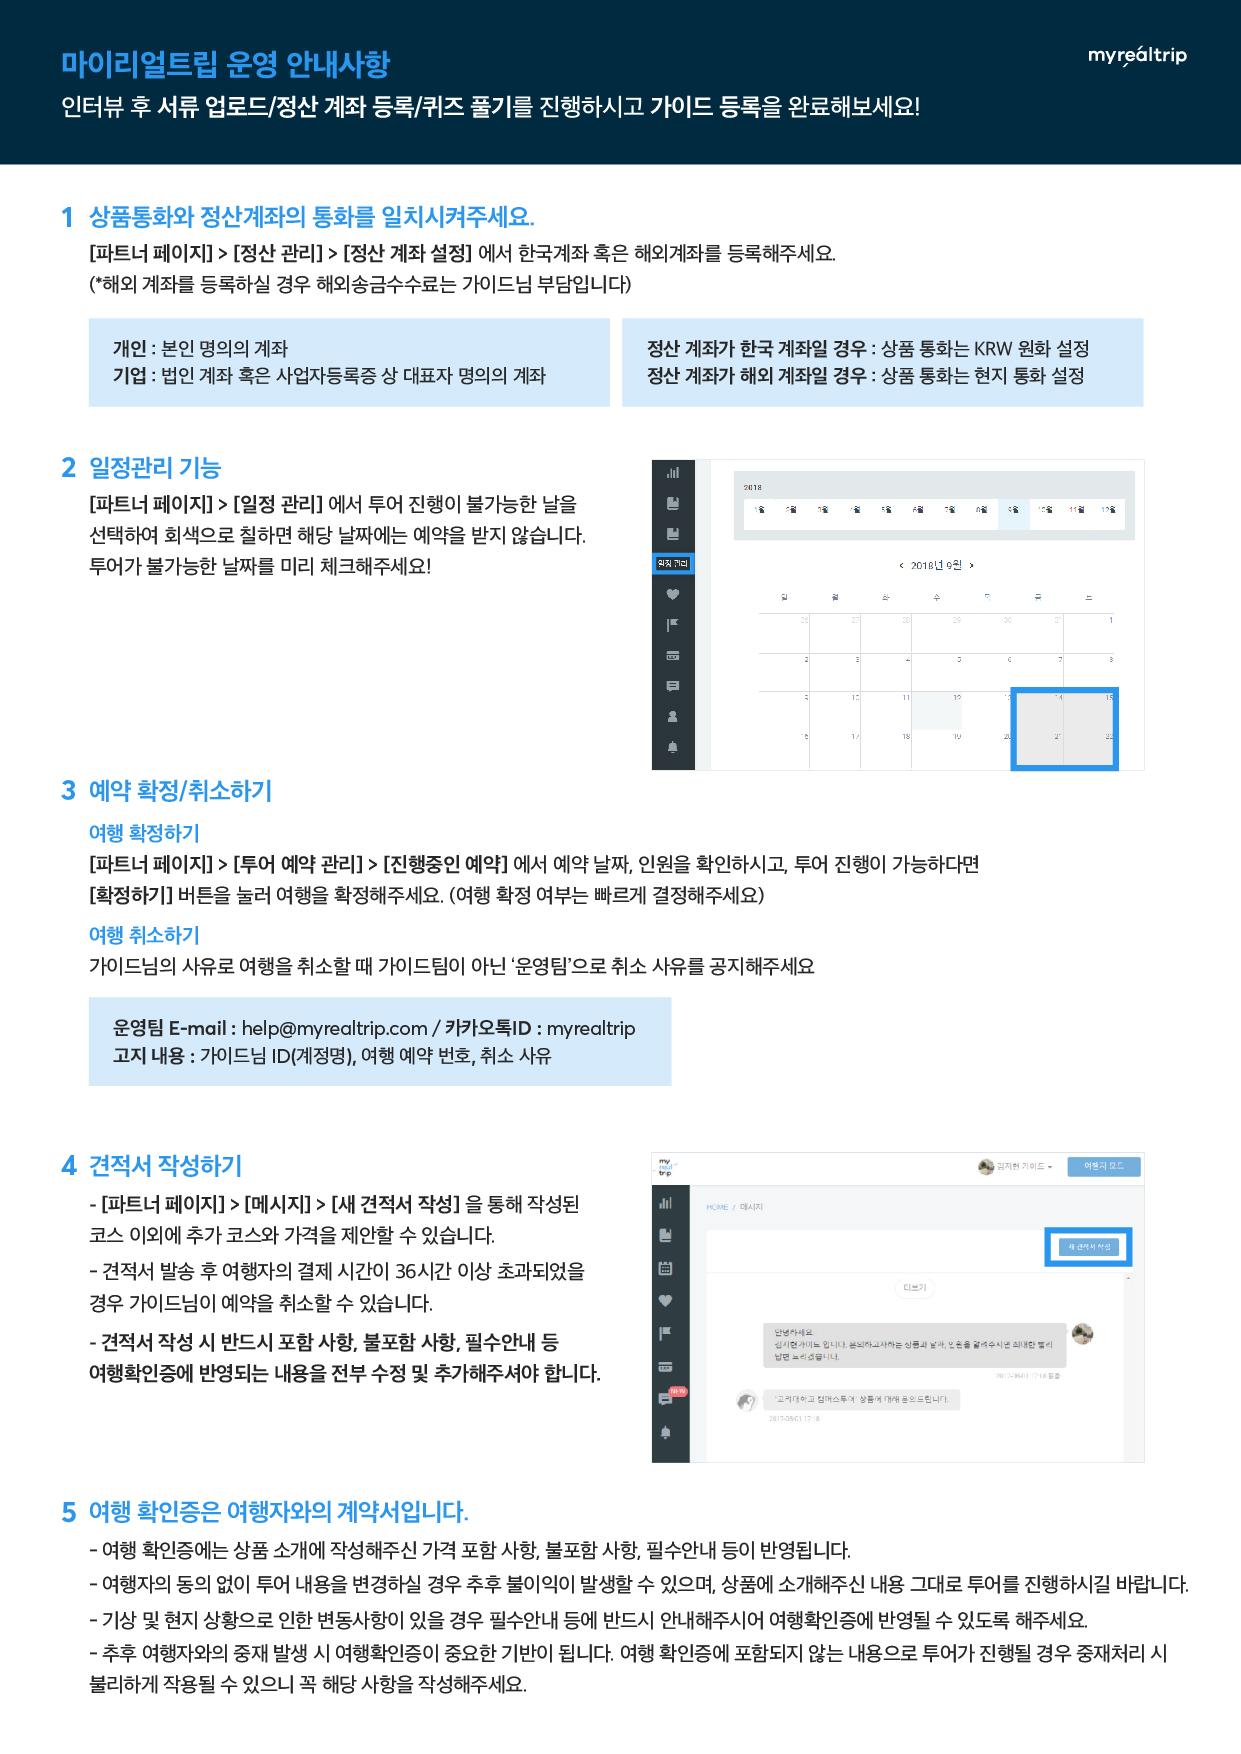 신규 파트너 투어 매뉴얼_1페이지